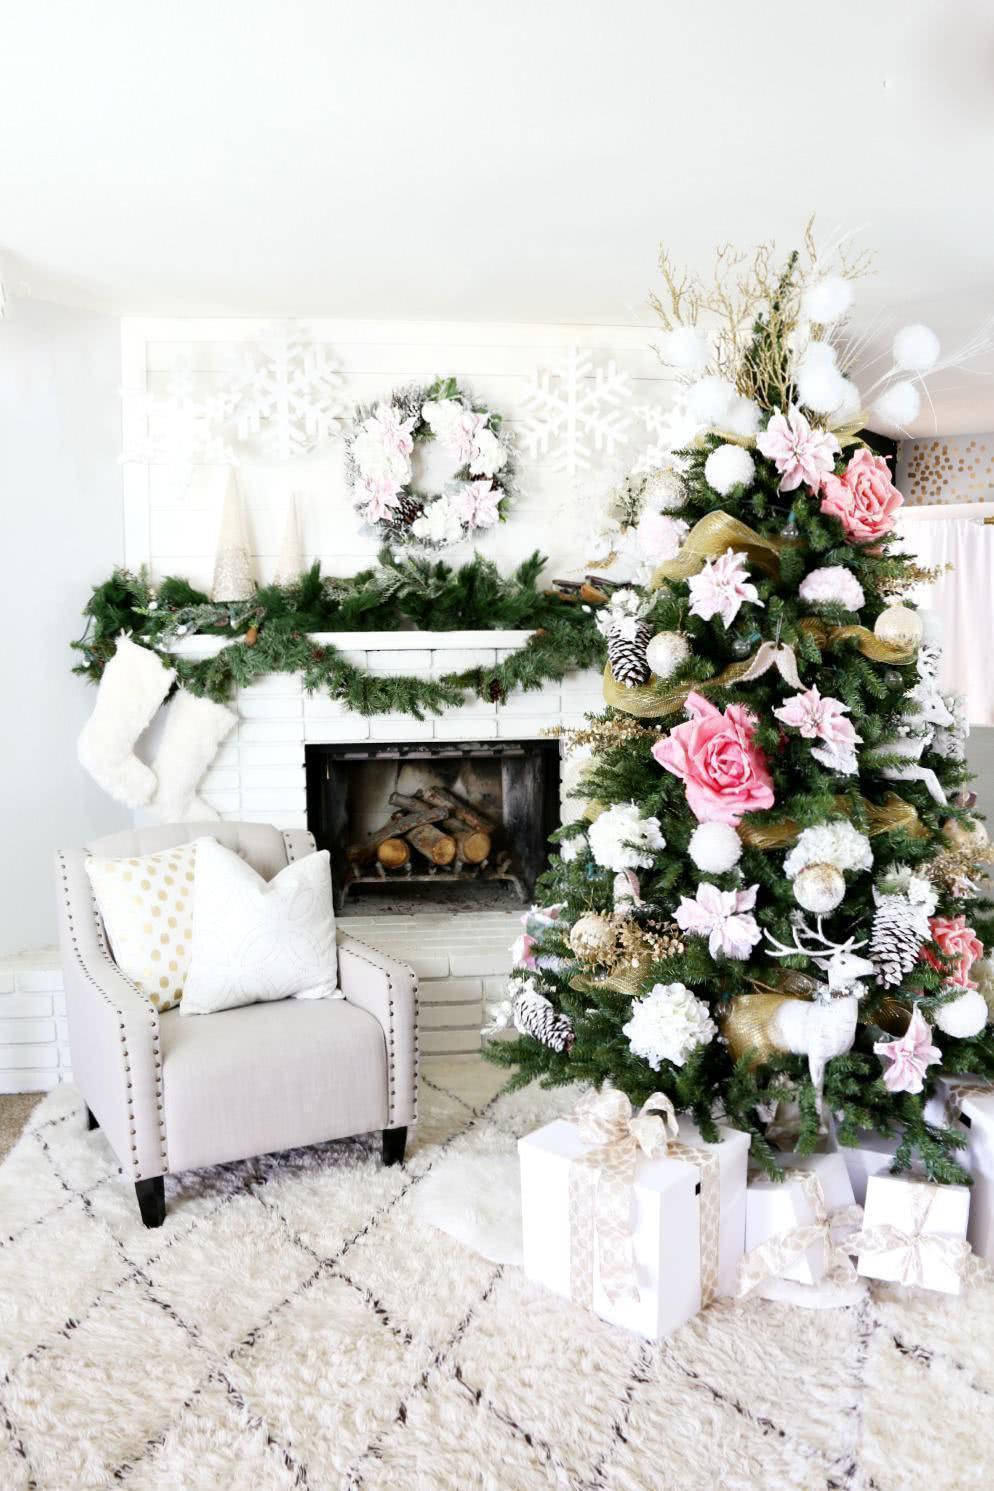 Árvore de Natal enfeitada.